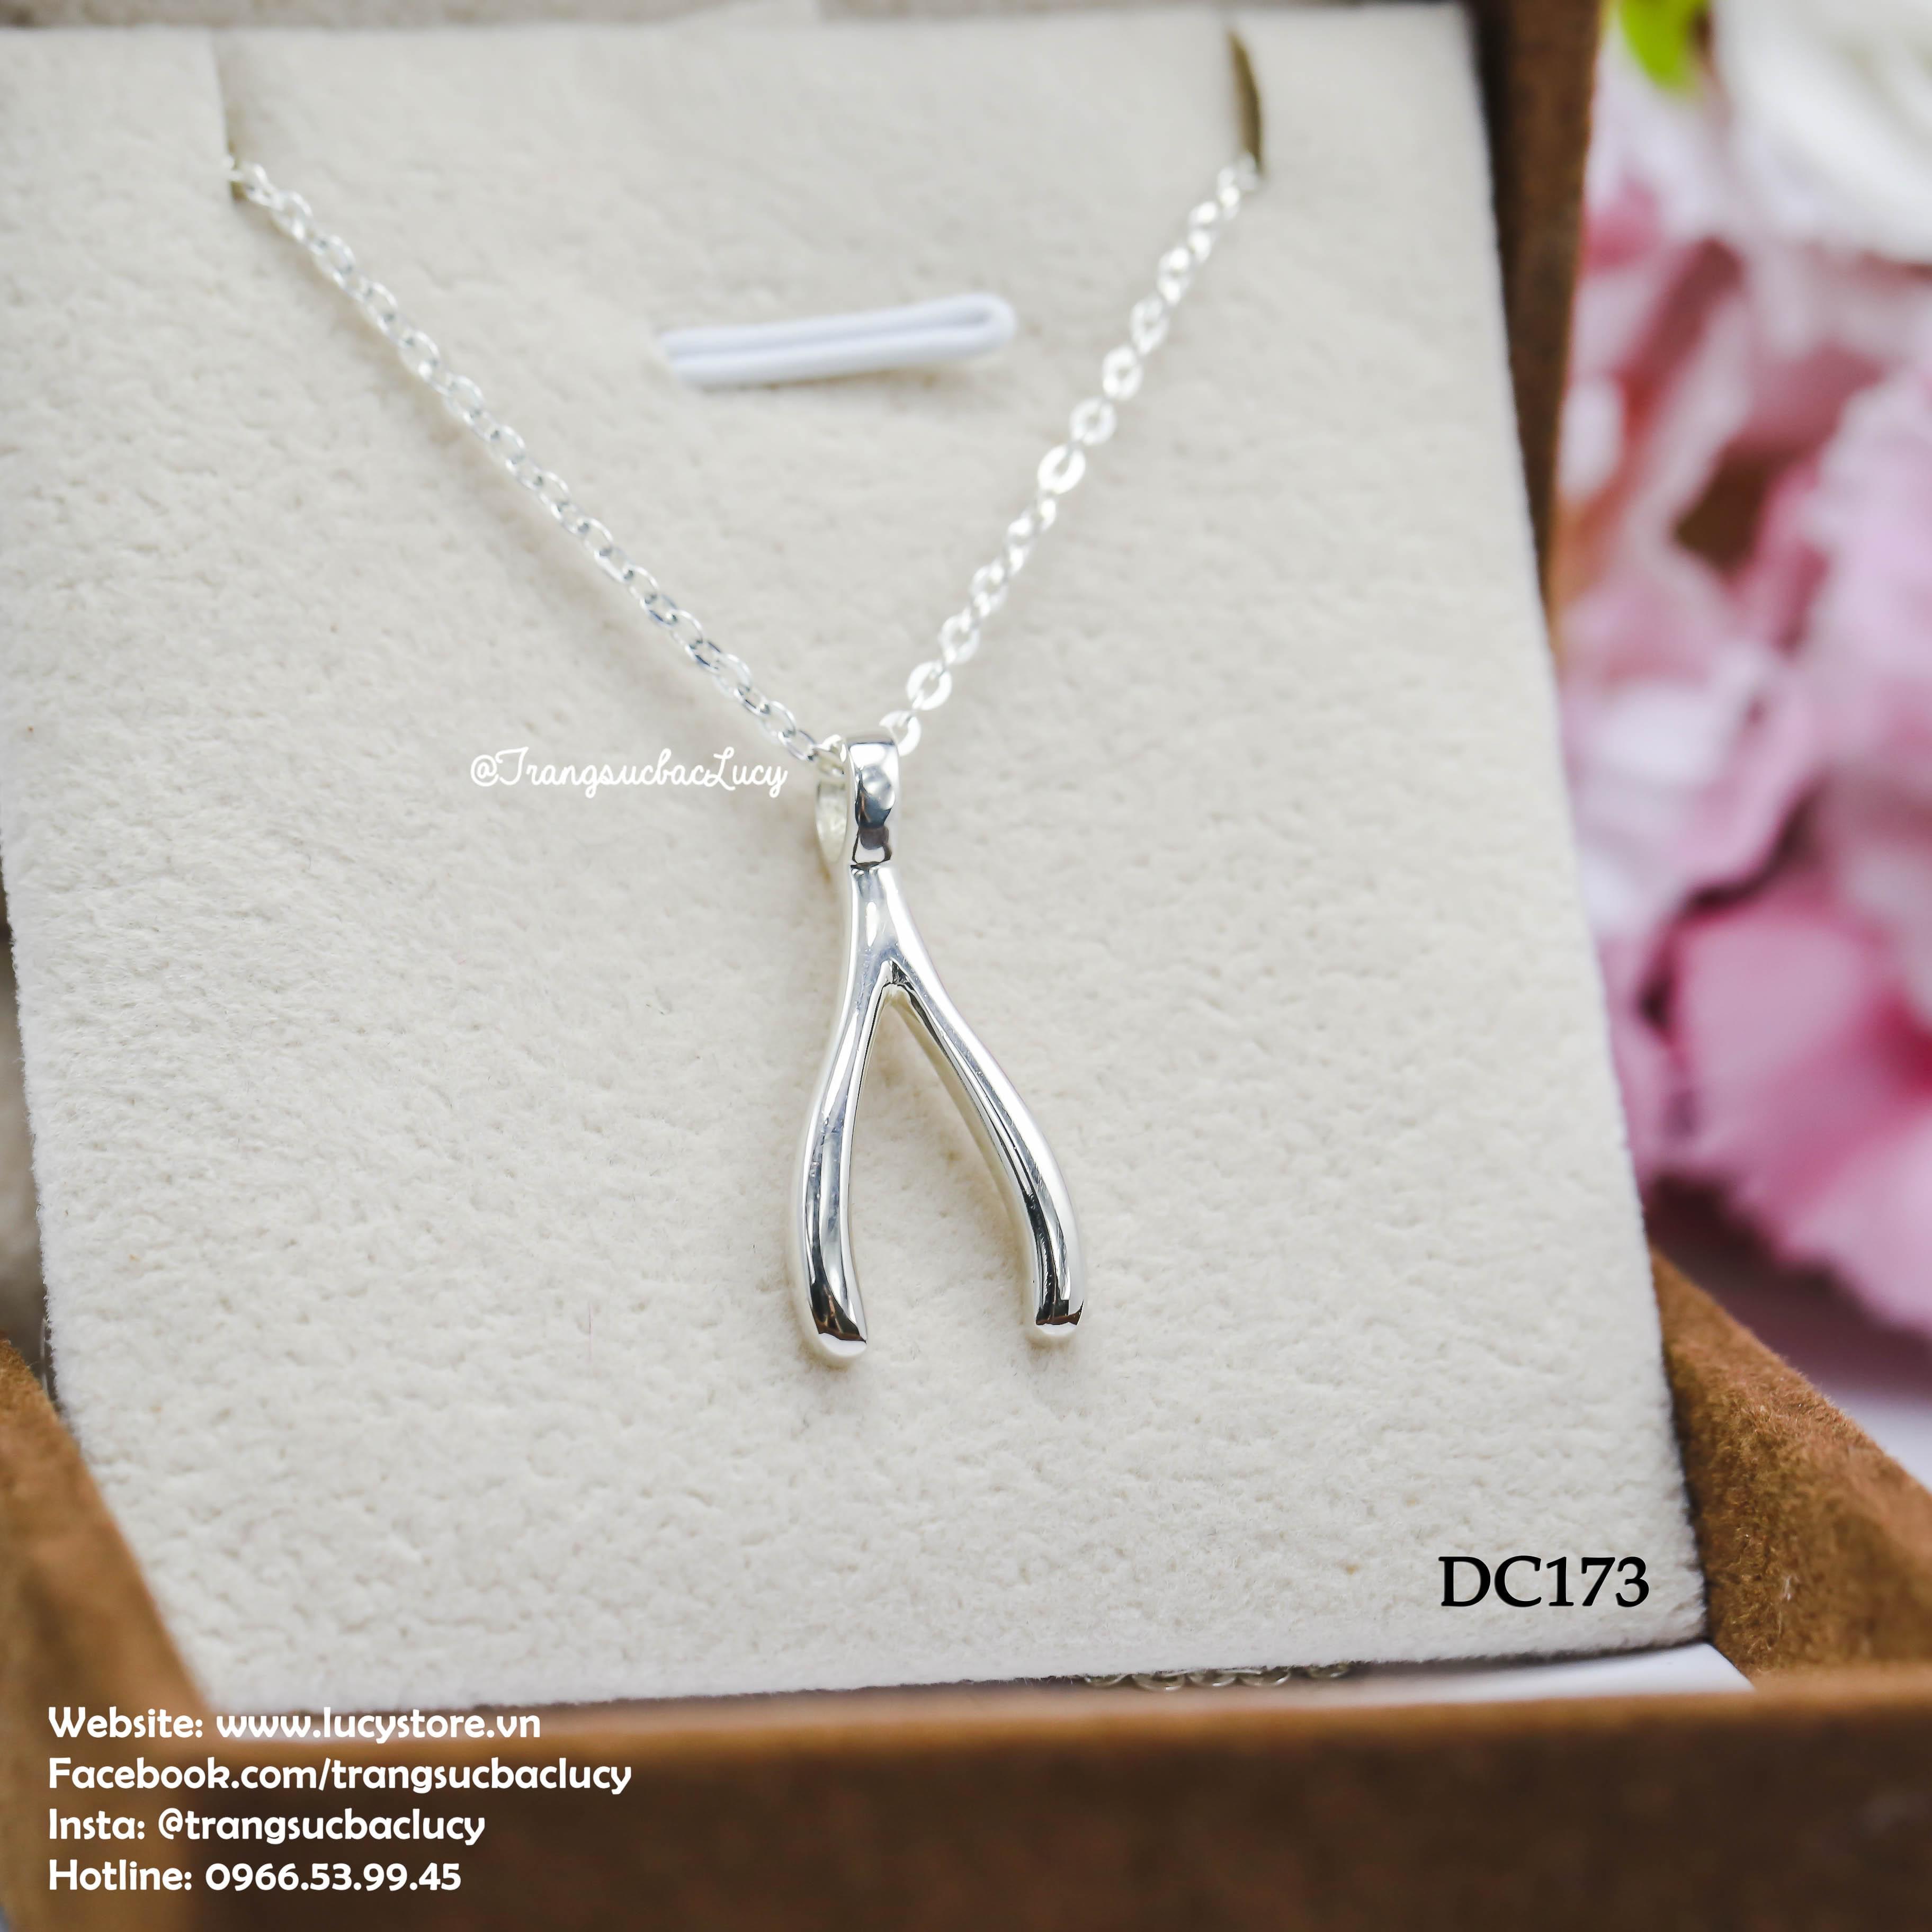 Dây chuyền bạc mặt biểu tượng wishbone - DC173 (hàng order)